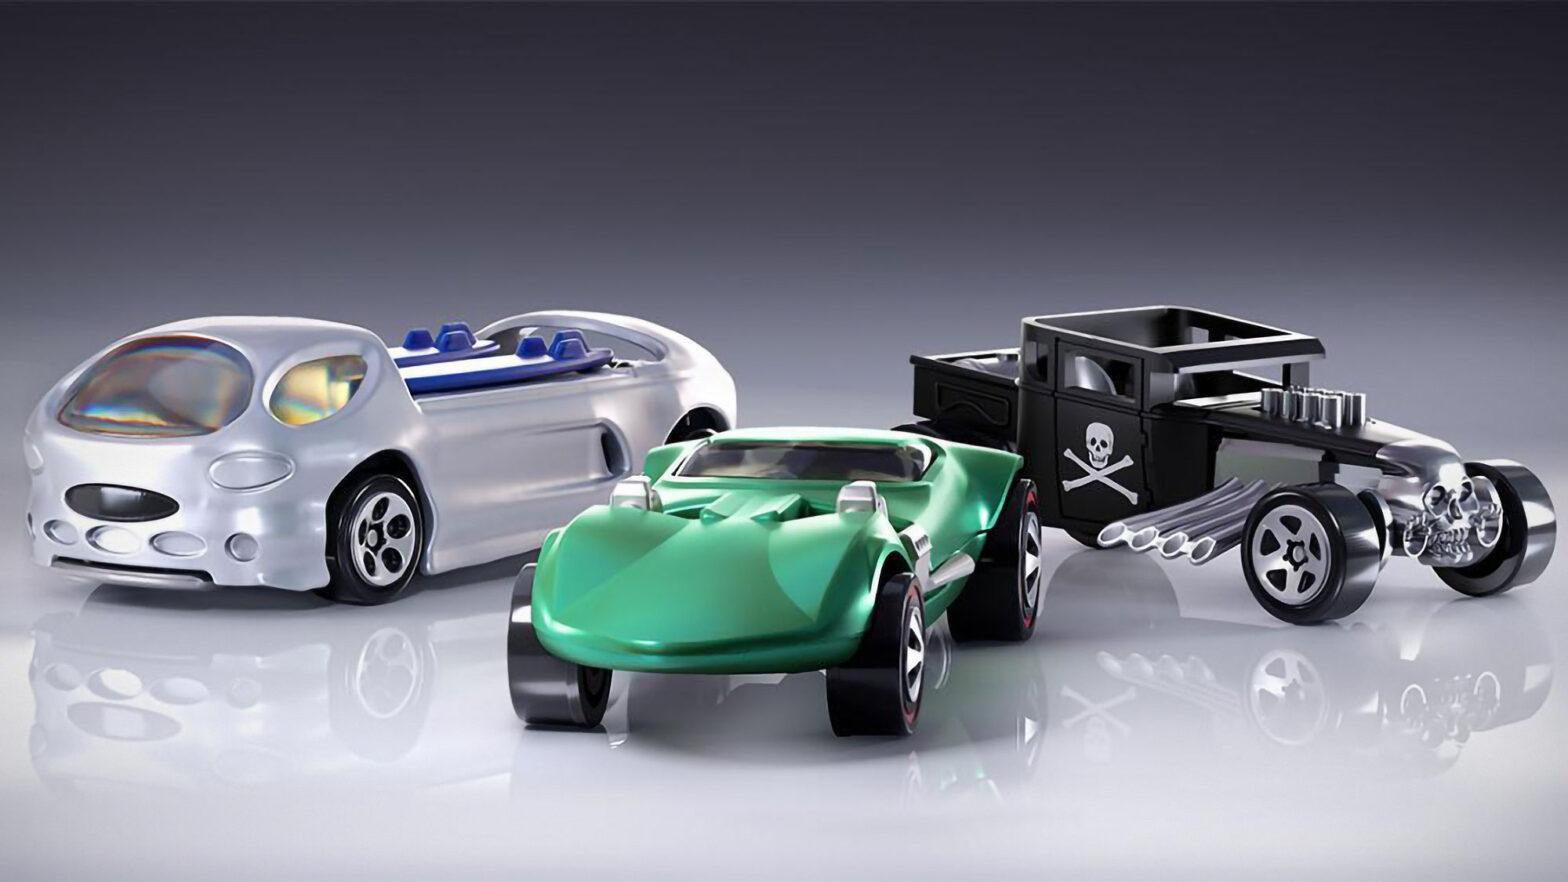 Hot Wheels Non-fungible Token Cars